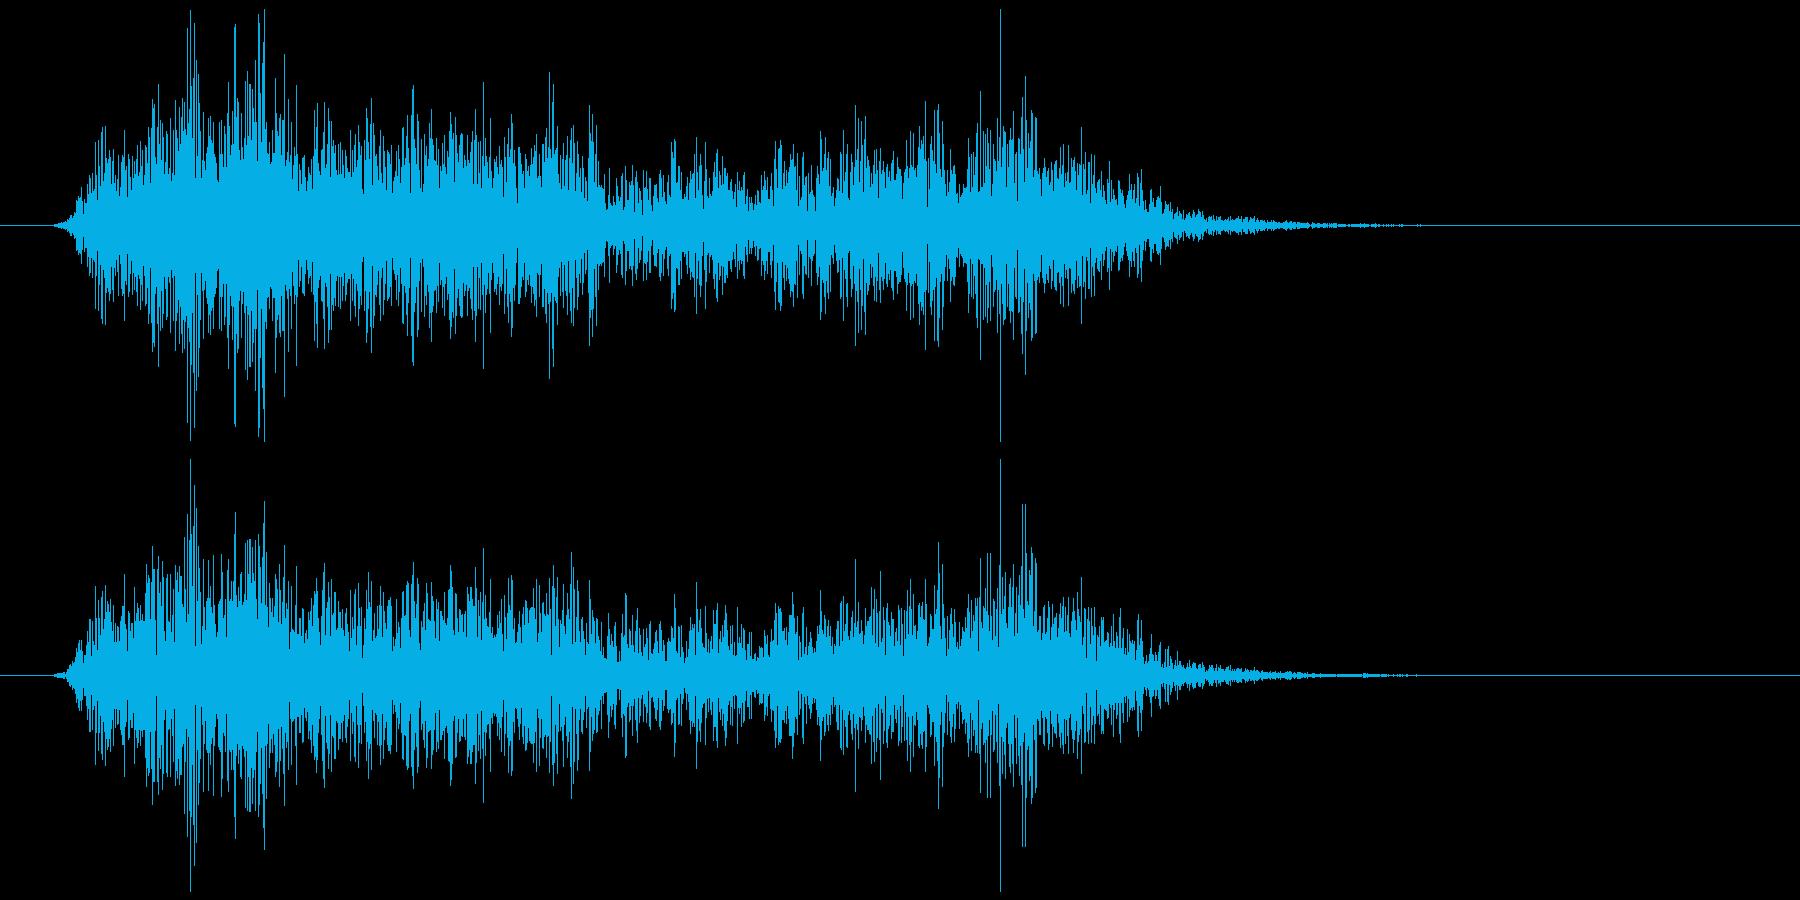 鍋の底 (ふた) が擦れる 長めの再生済みの波形